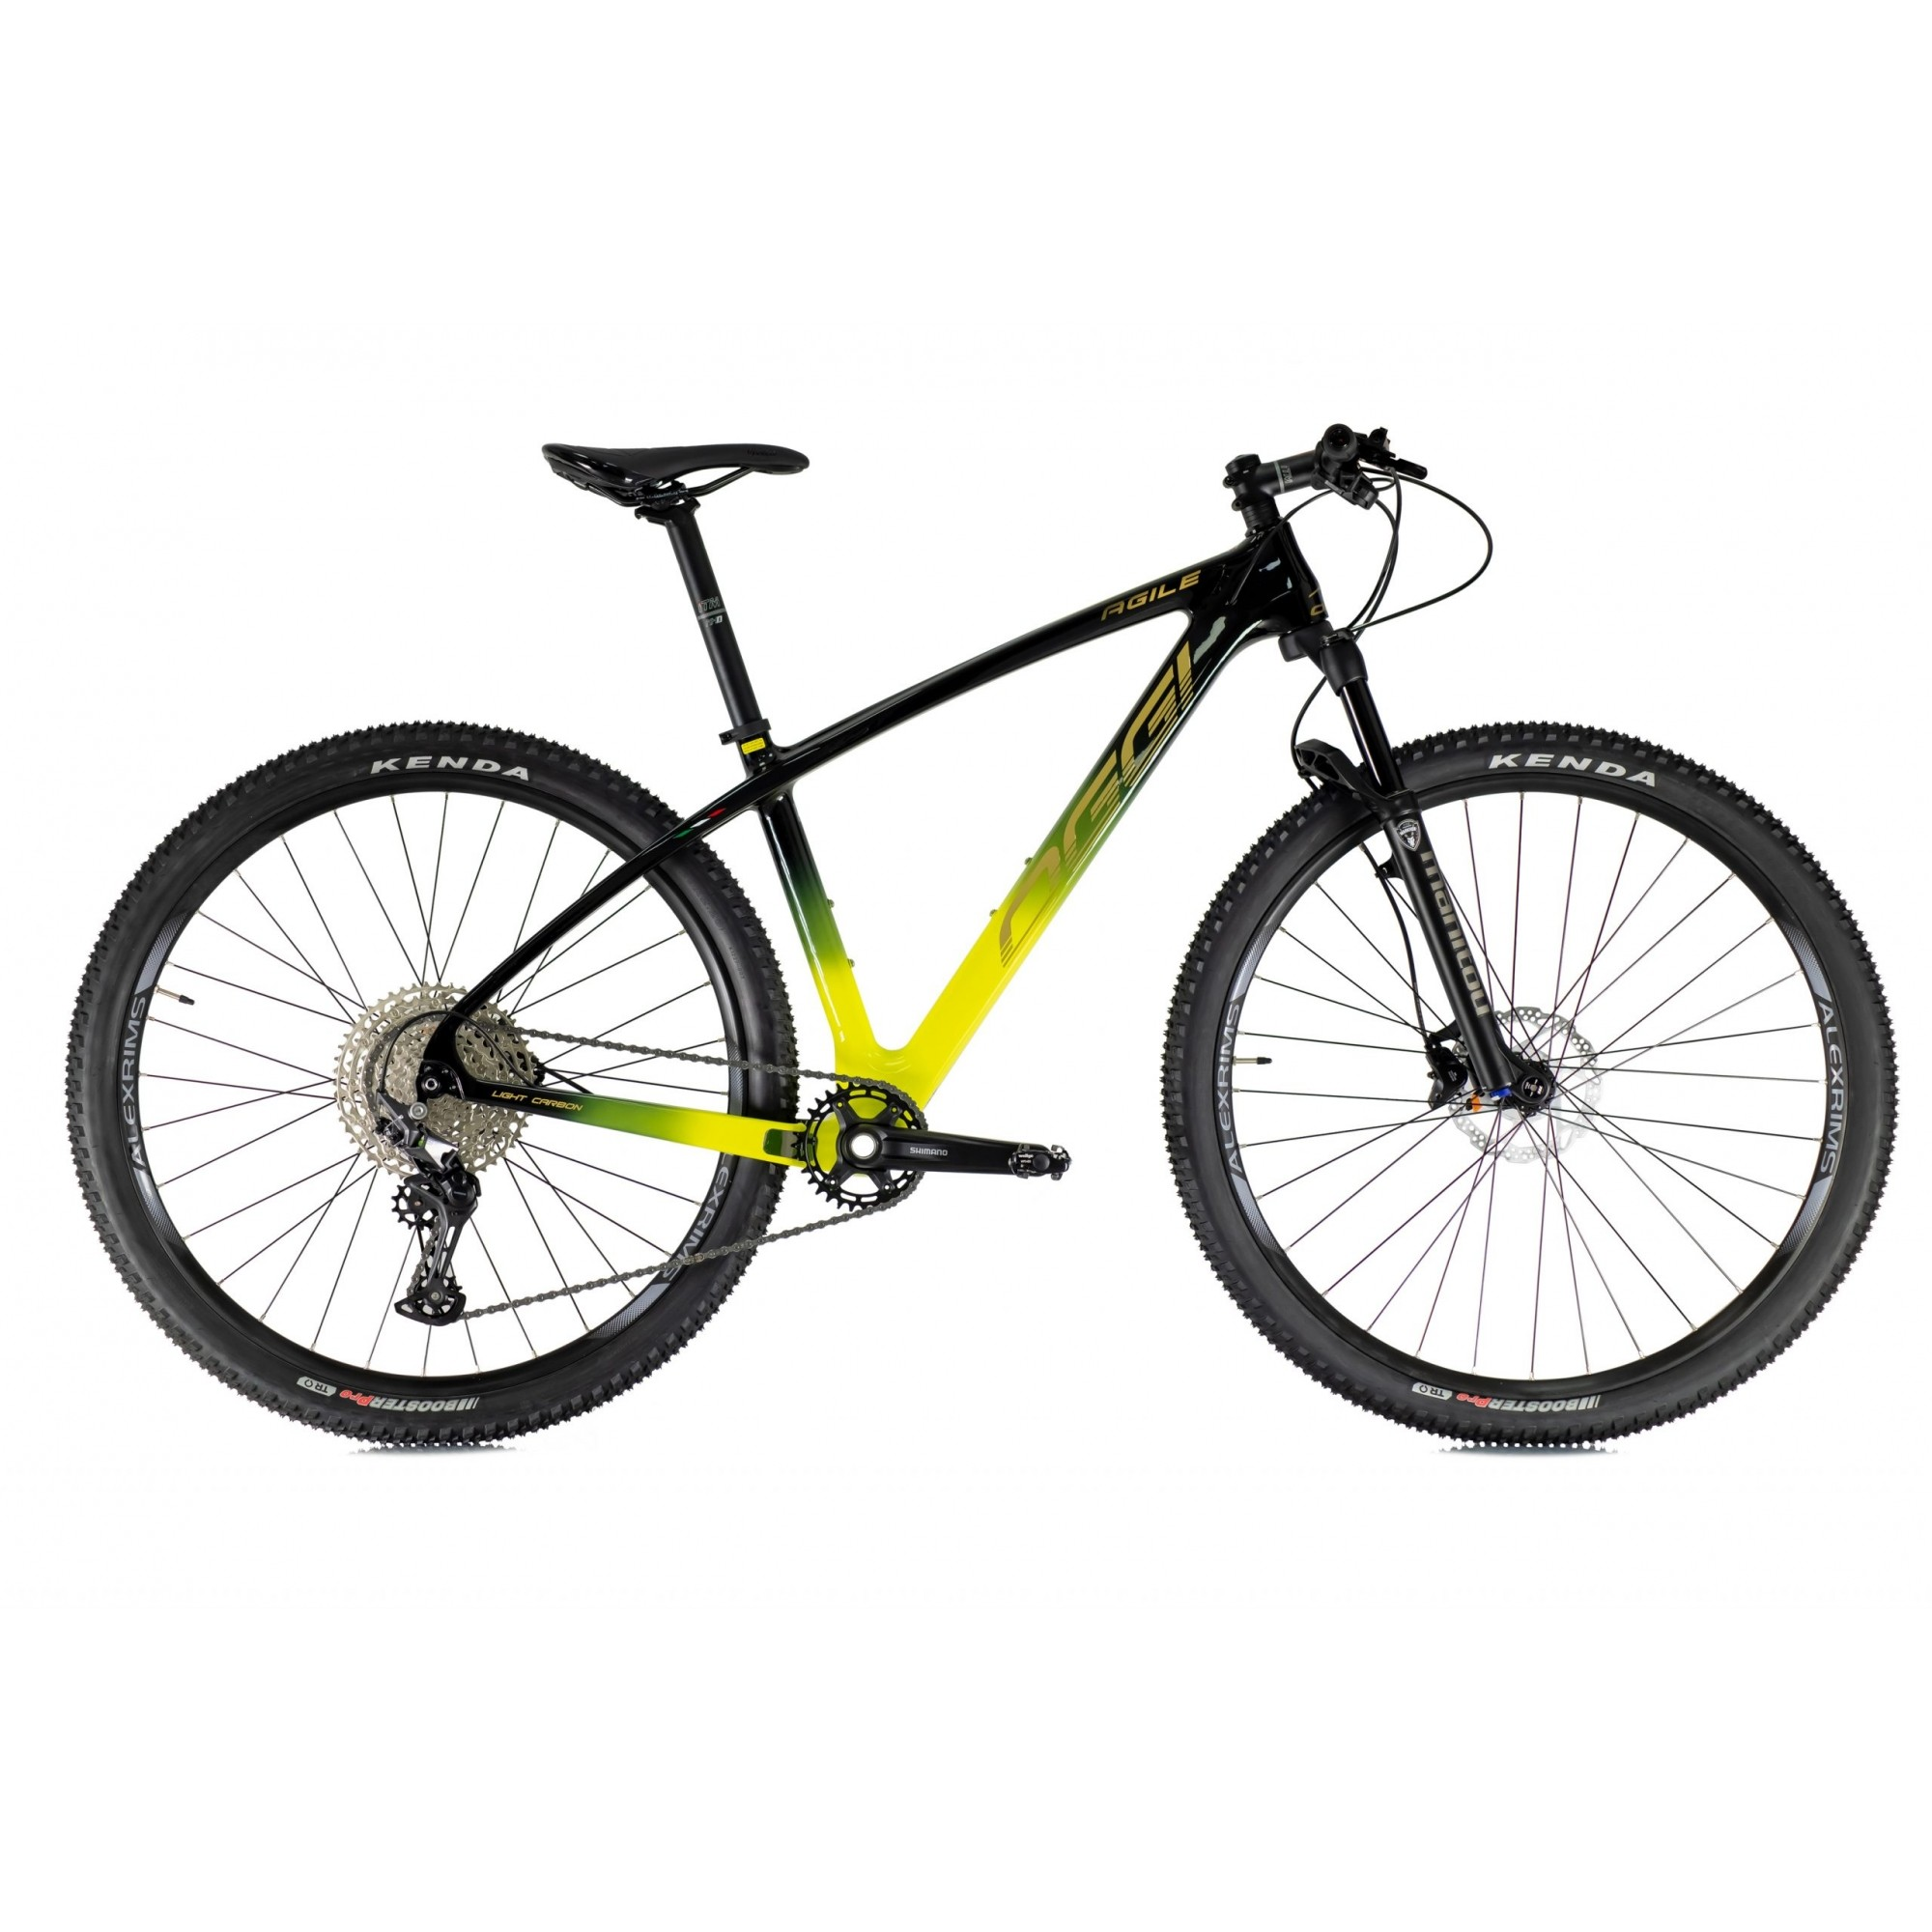 Bicicleta OGGI Agile Sport Carbon 2021 - 12v Shimano Deore - Suspensão Manitou Markhor - ENVIO IMEDIATO